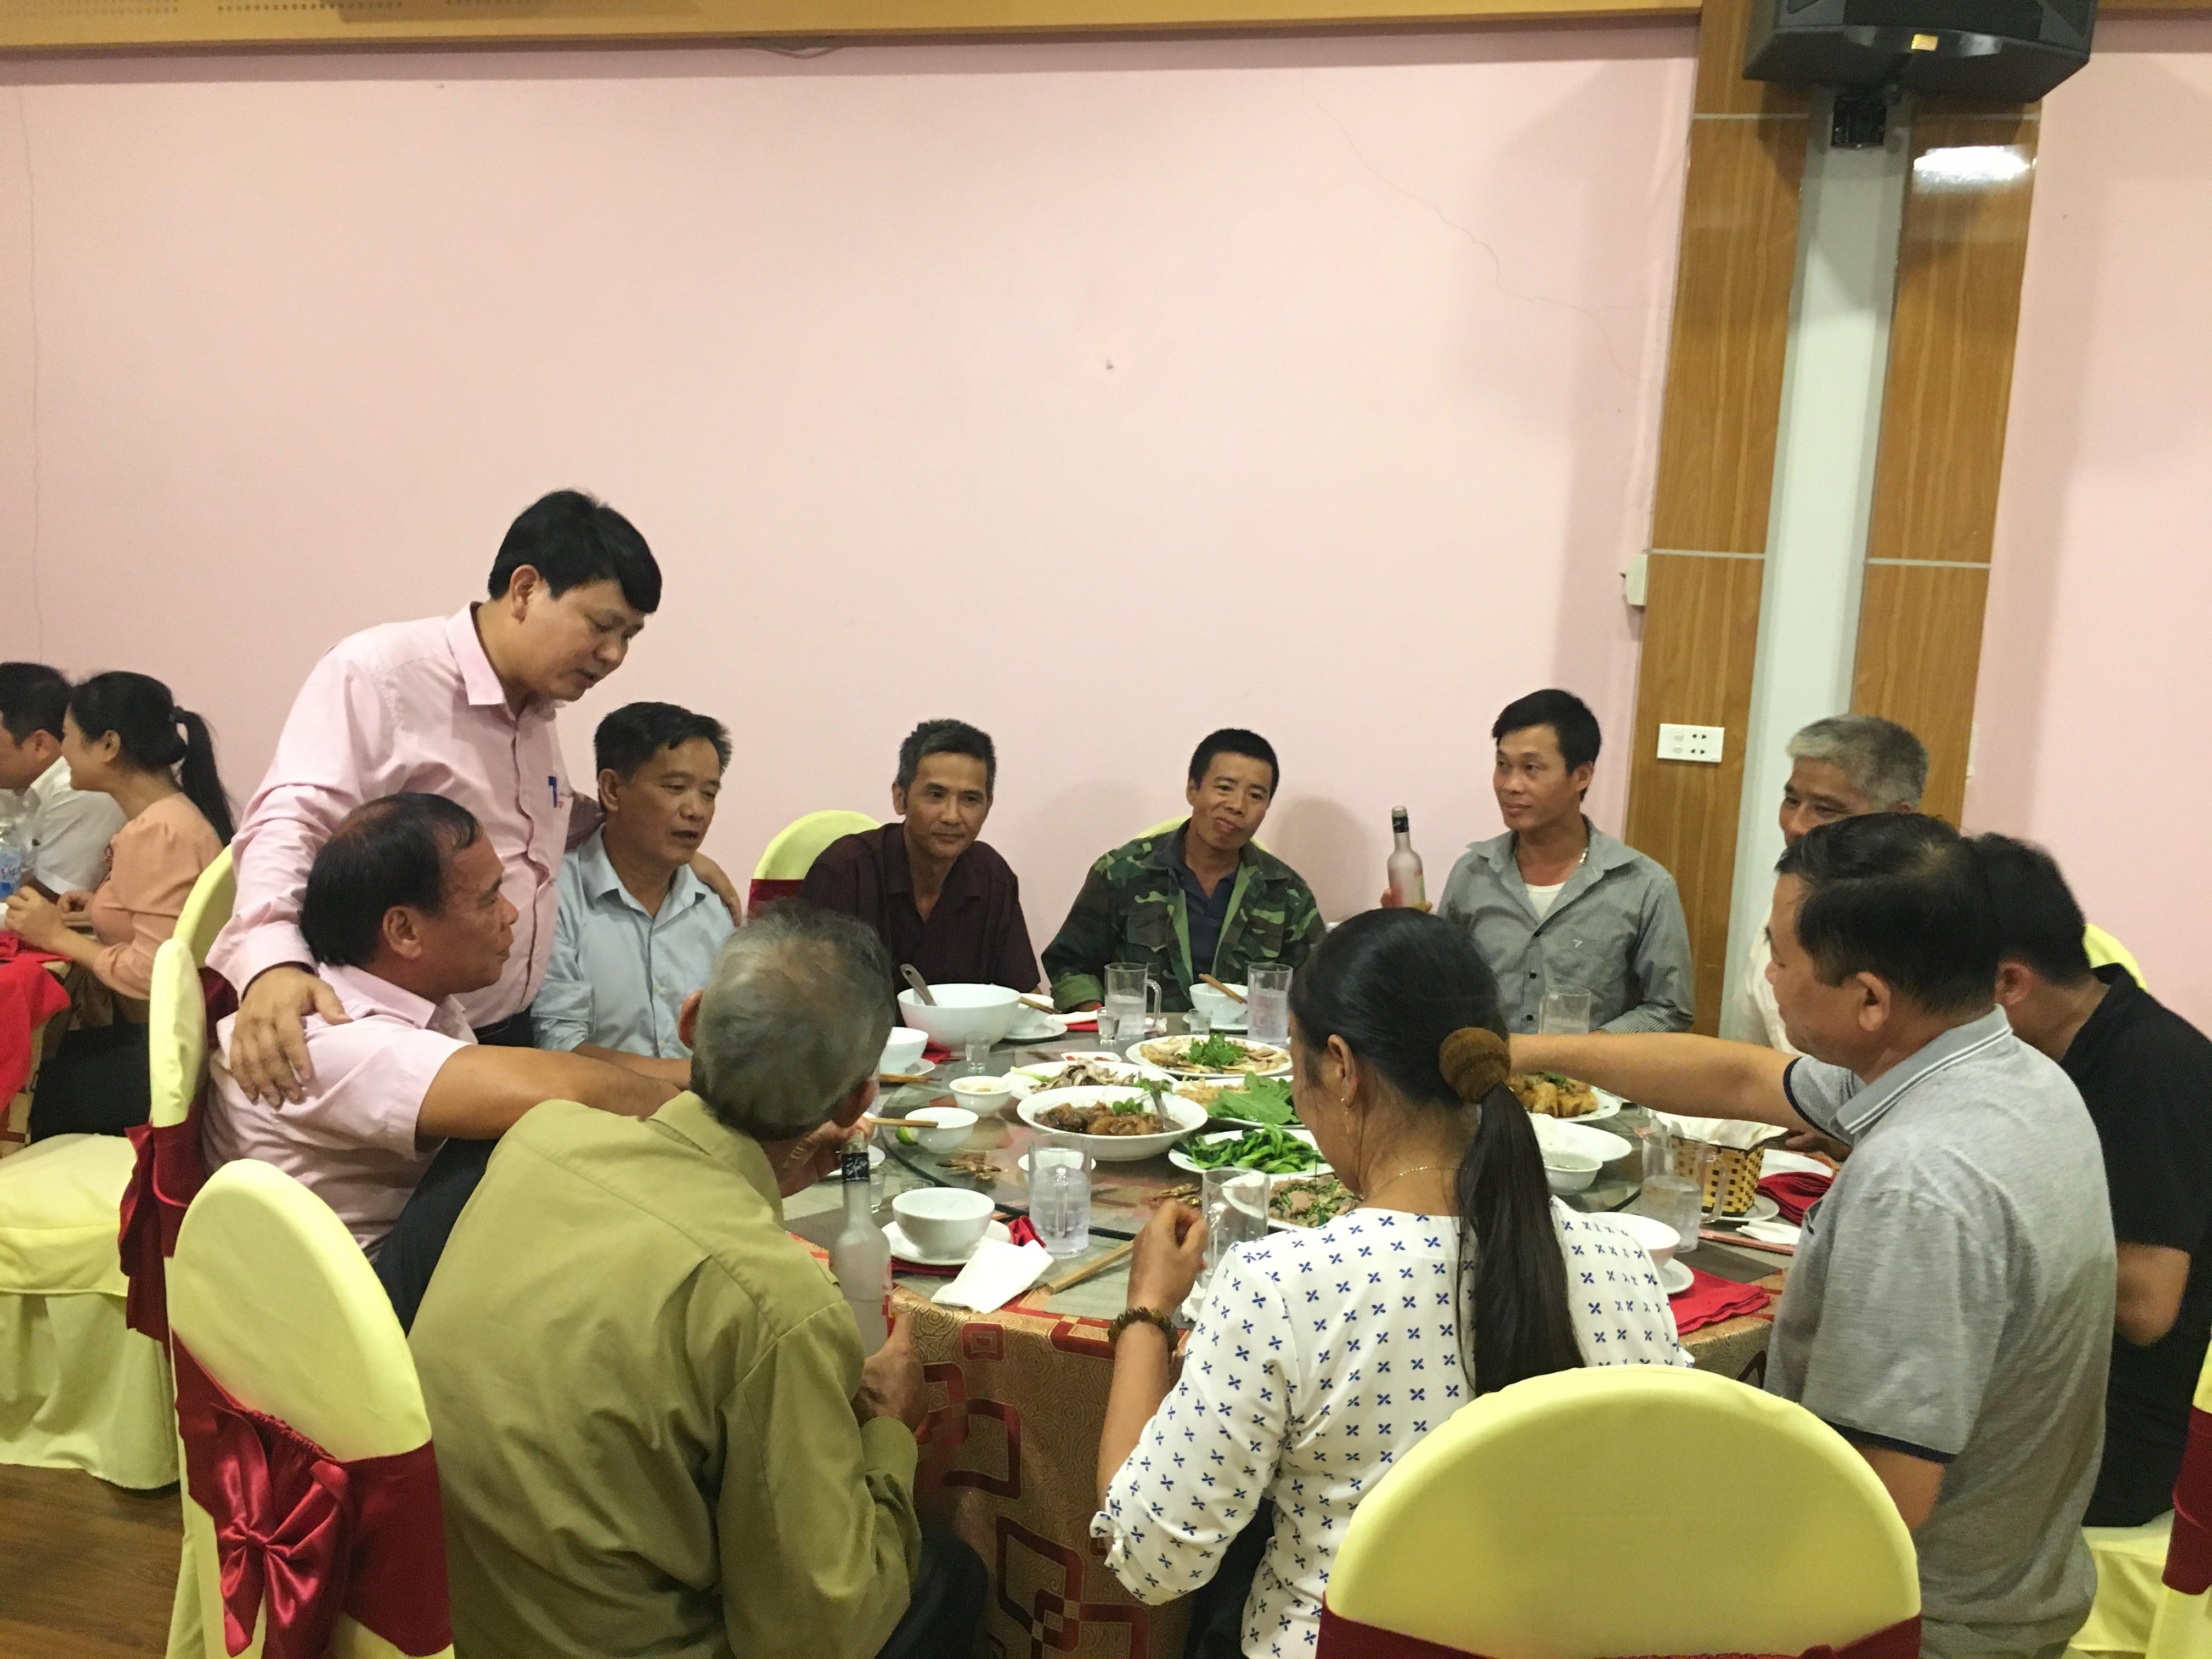 Ông Nguyễn Văn Hiểu - Giám đốc phụ trách dự án, chúc các hộ nông dân có 1 chuyến tham quan học tập kinh nghiệm bổ ích